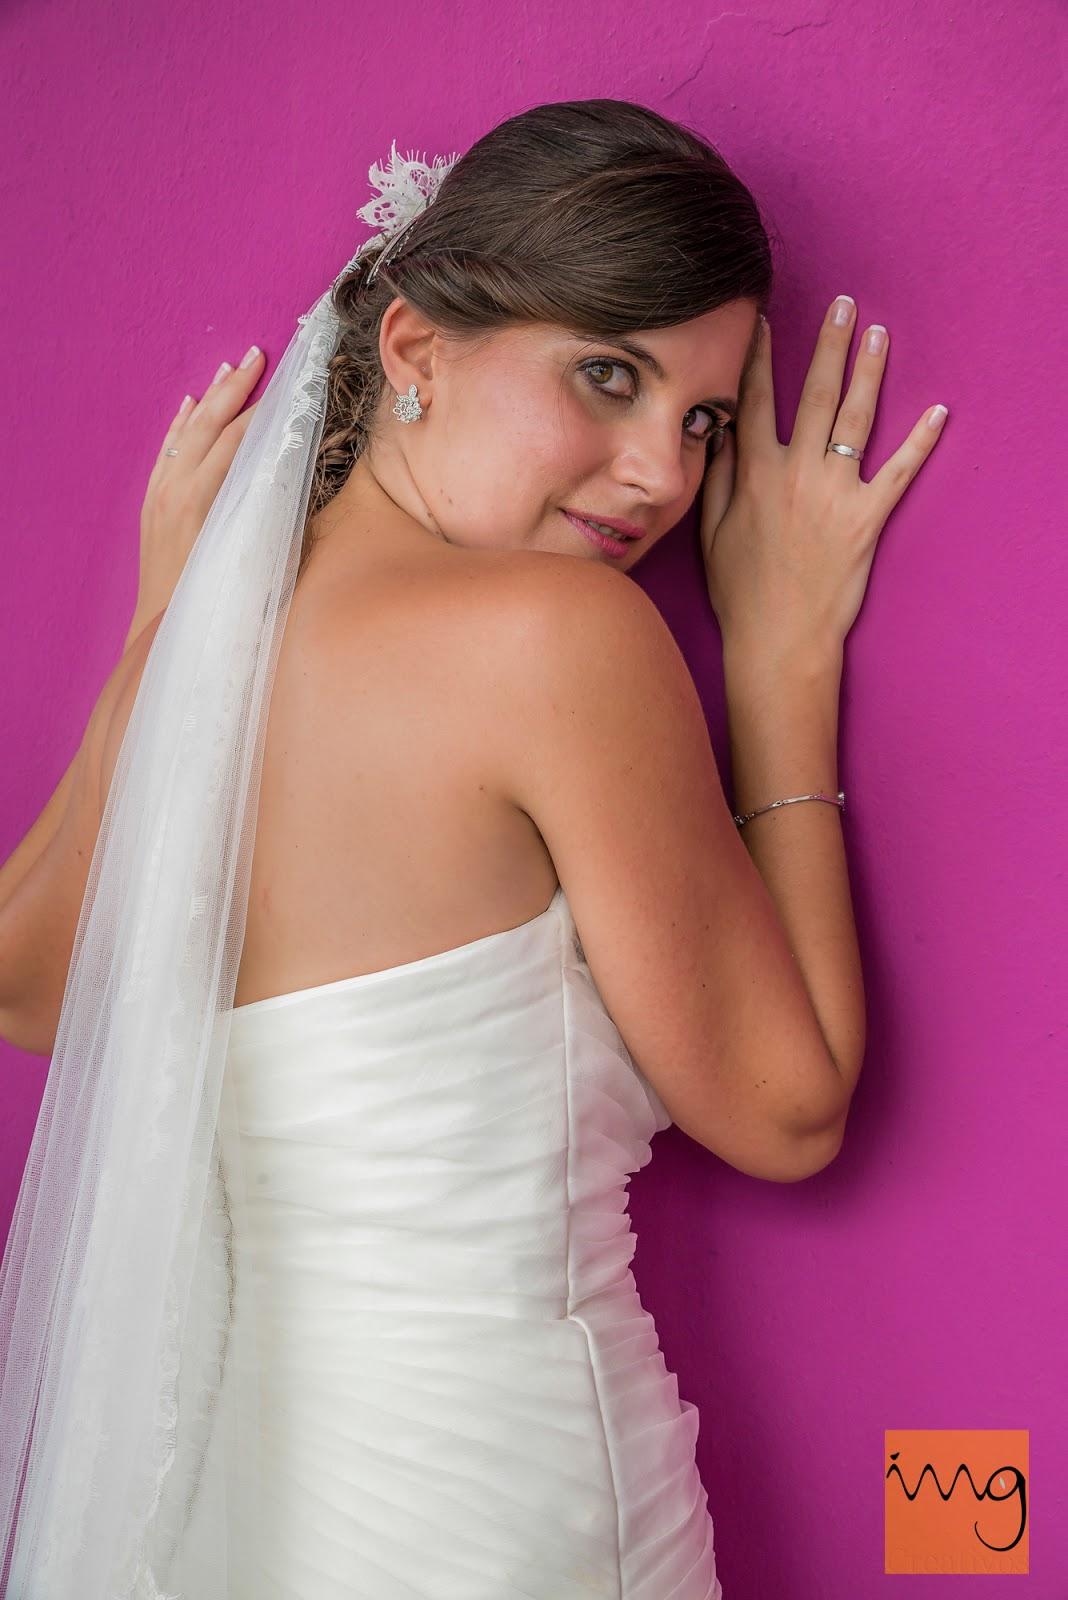 Fotografía de pose de la novia sobre un fondo morado